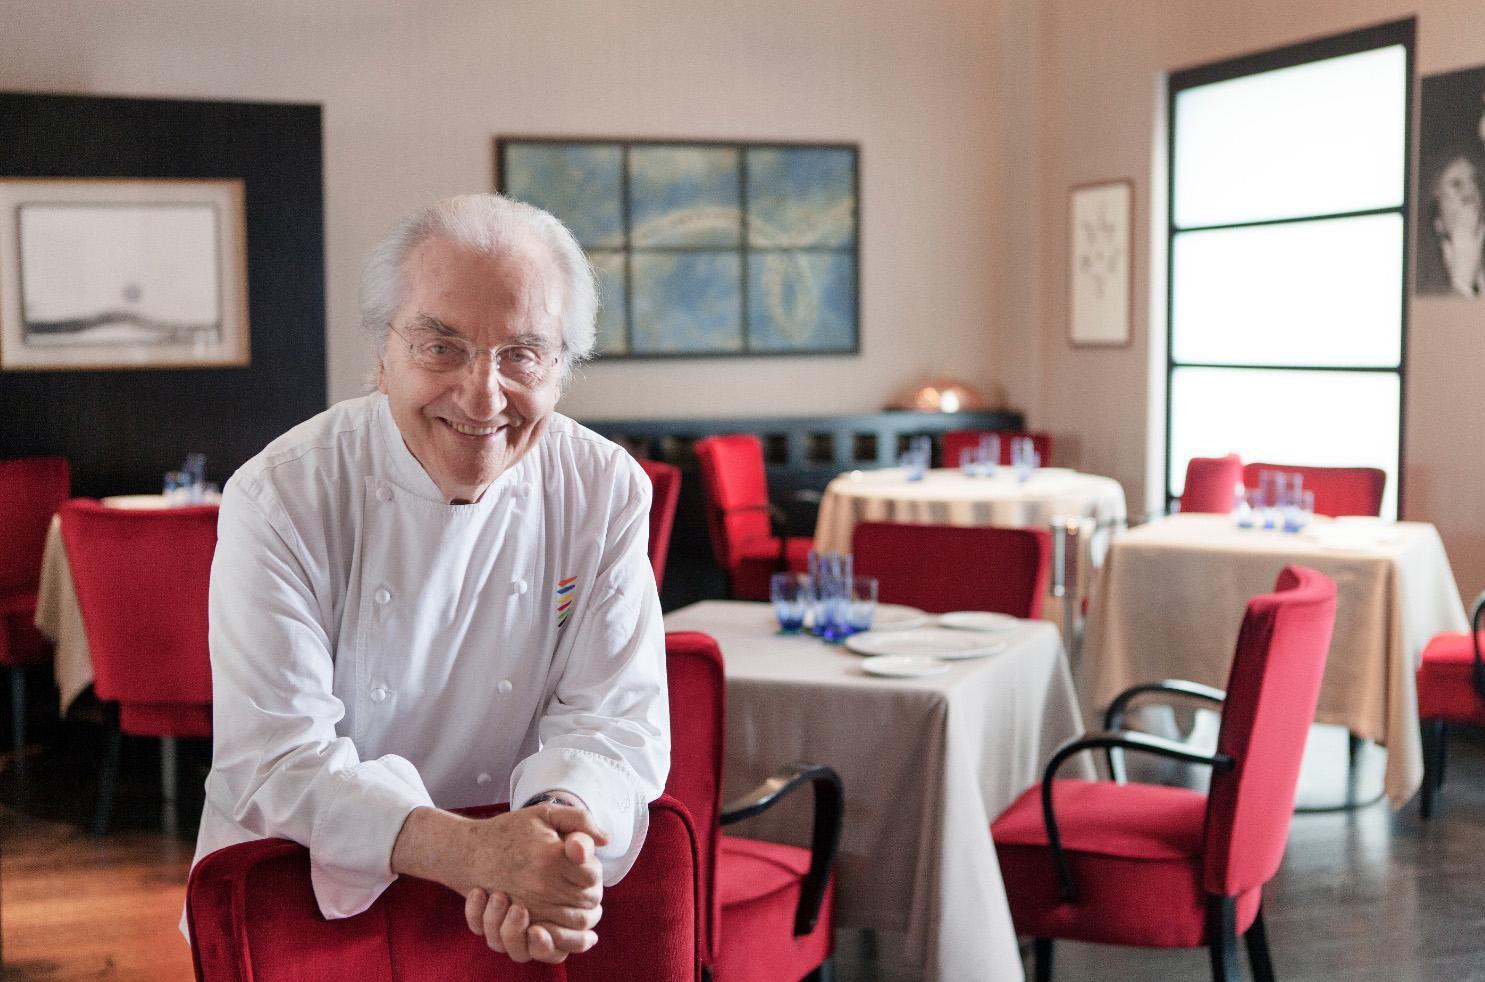 Gualtiero Marchesi, morto lo chef che innovò la cucina italiana